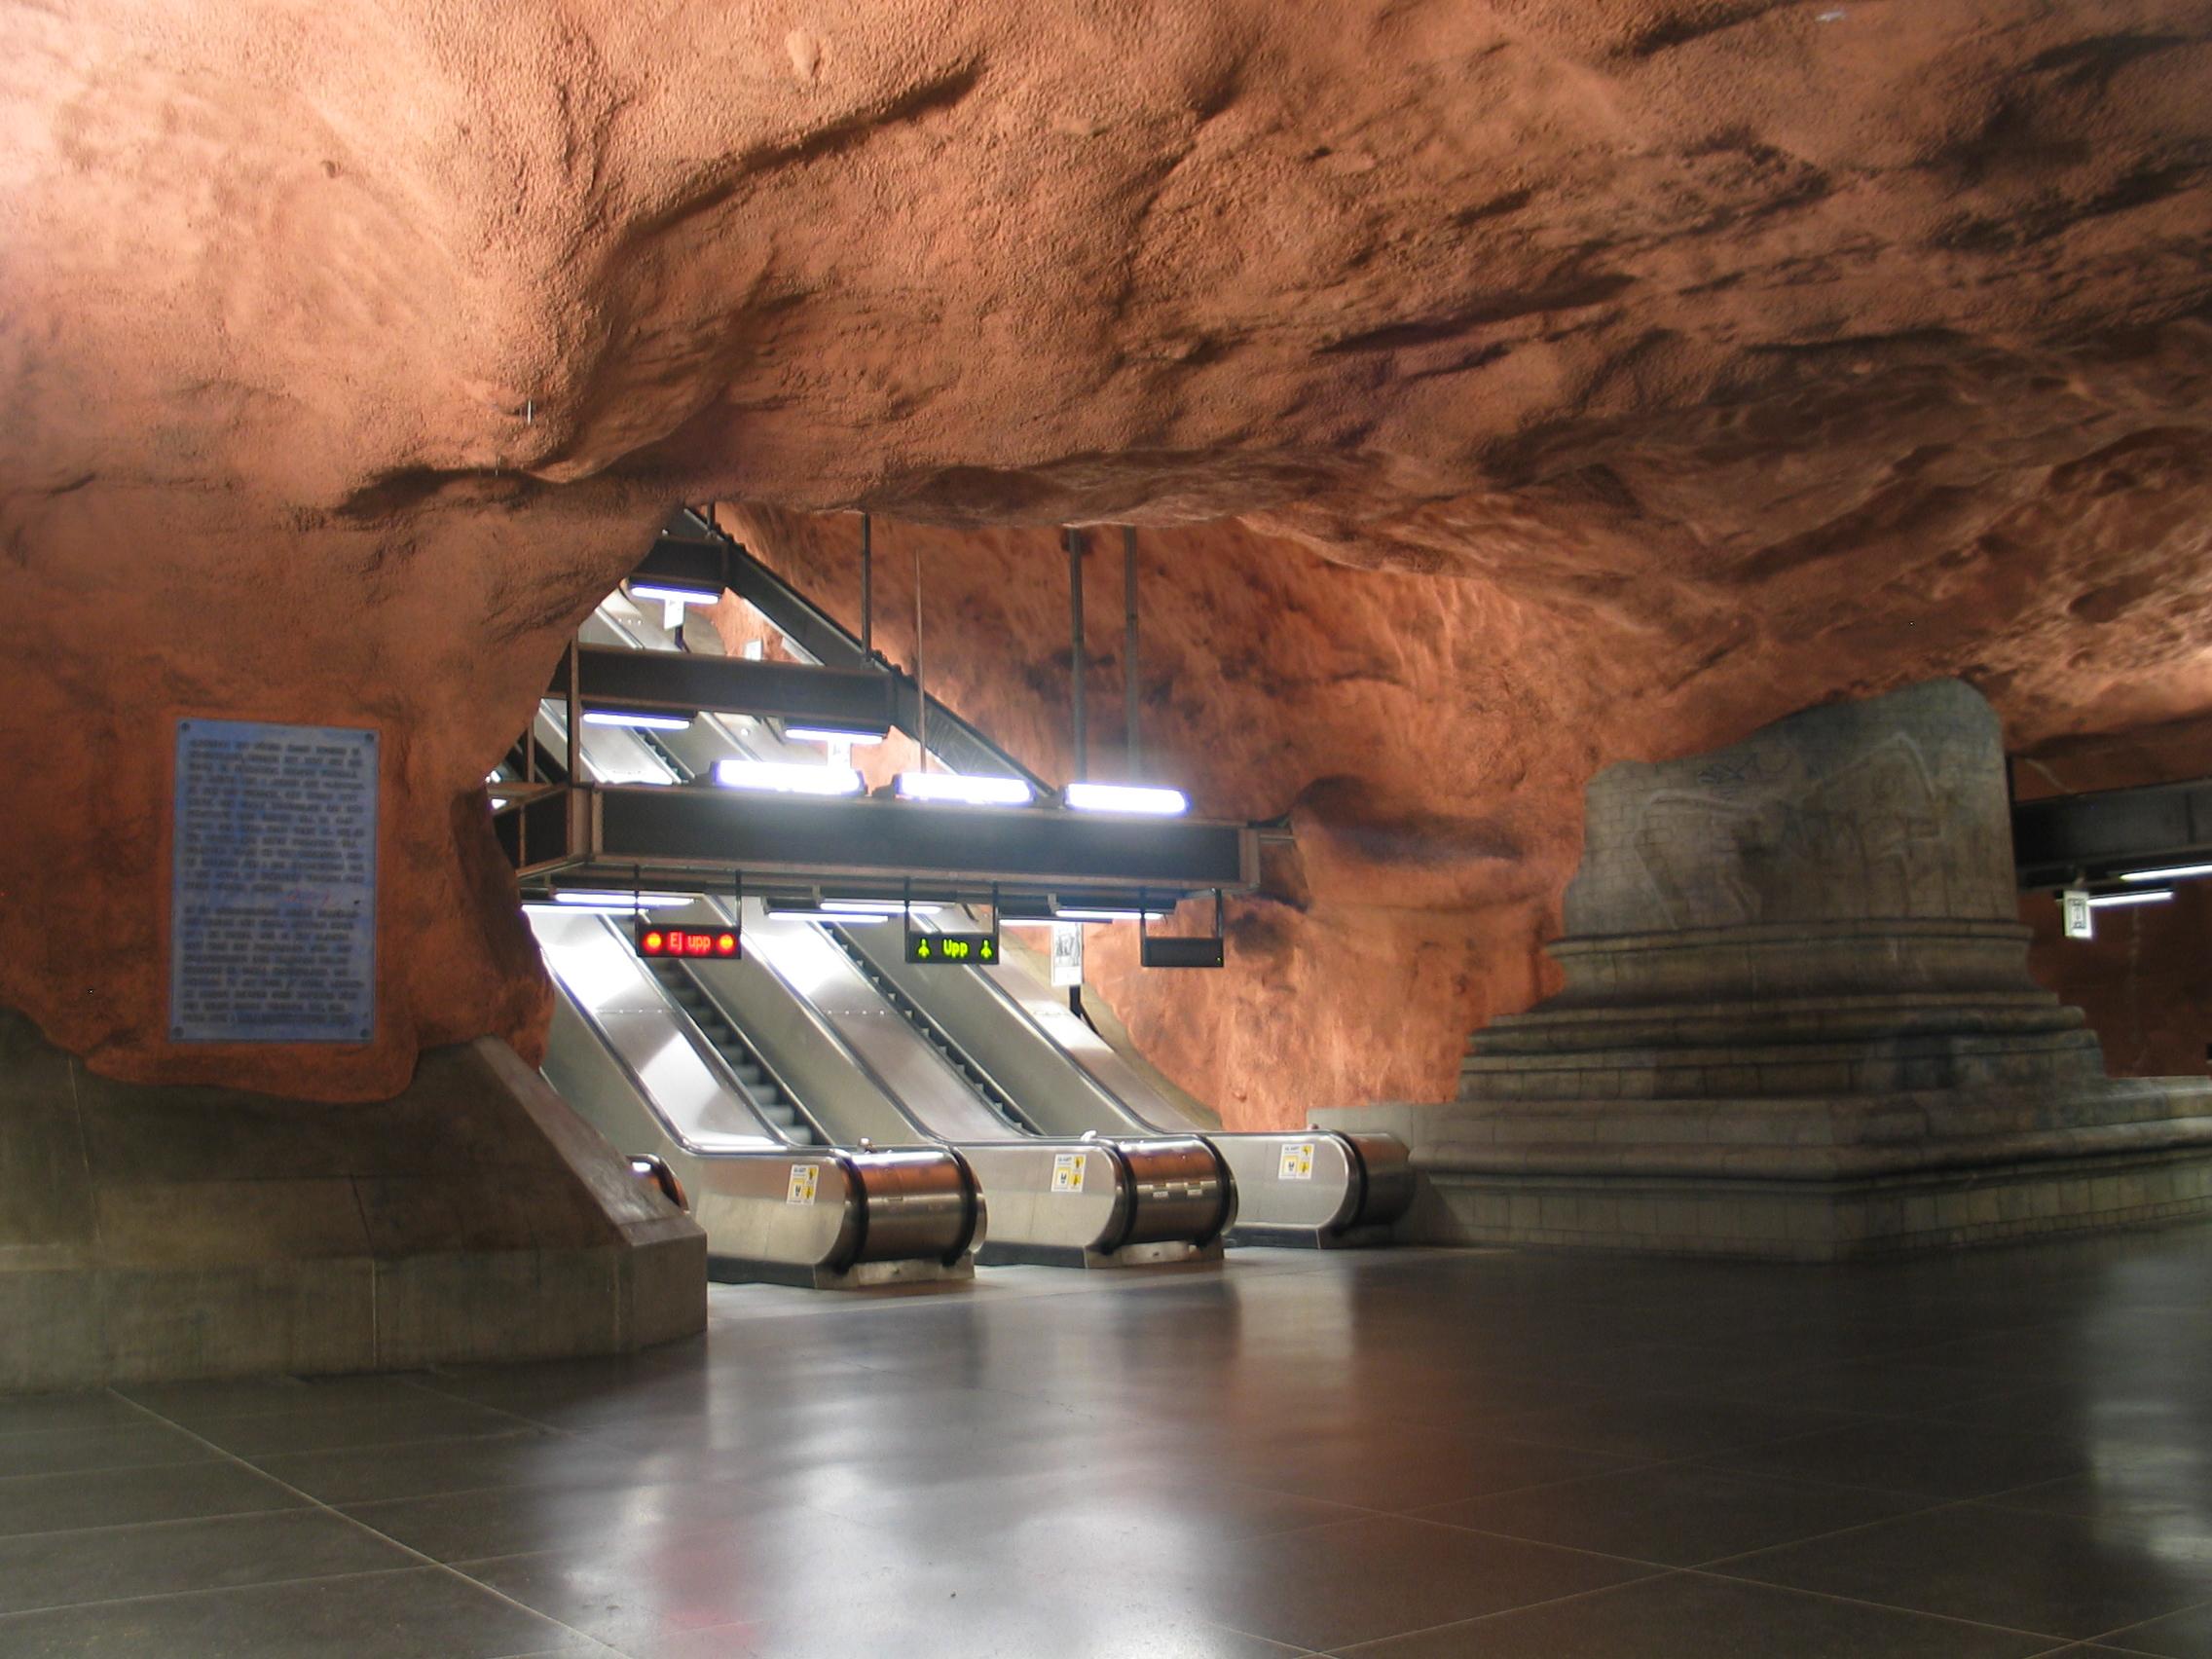 Stockholm subway radhuset 20050808 002.jpg